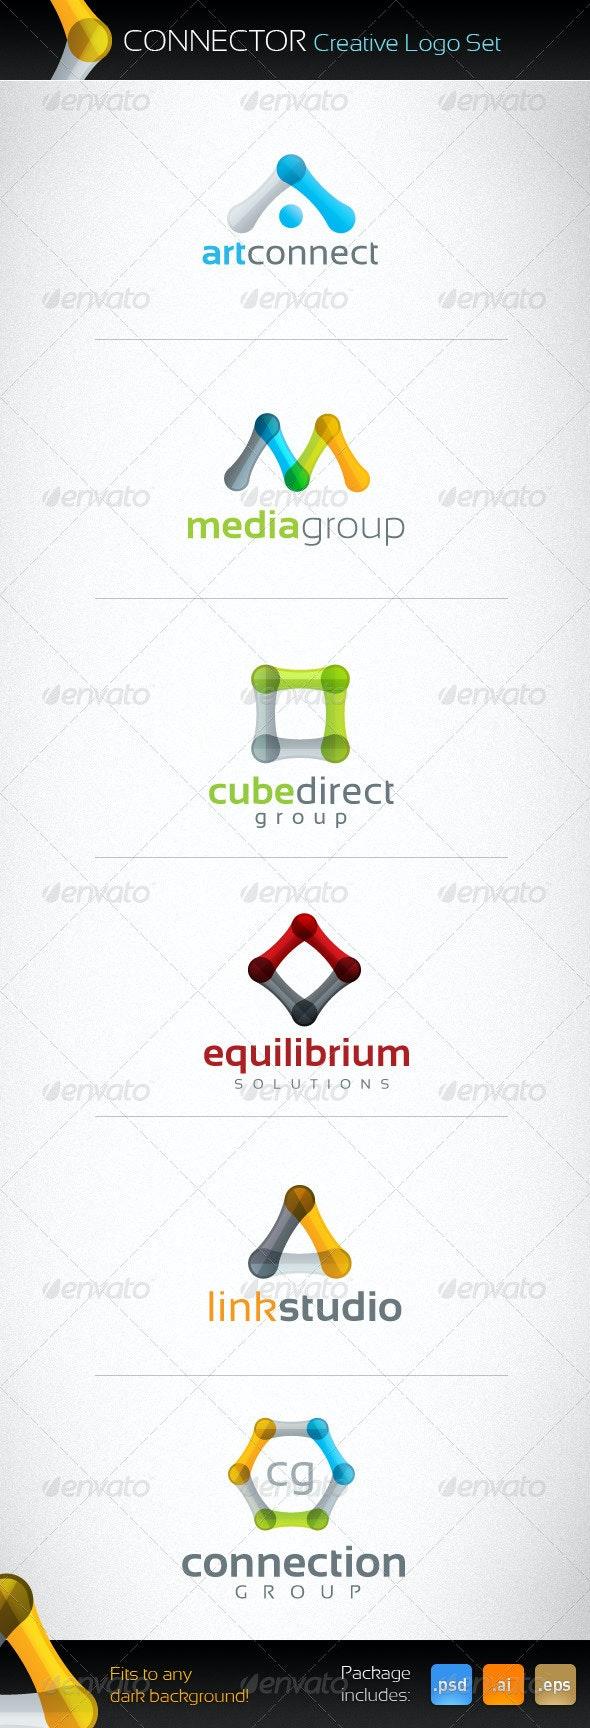 Connector Creative Logo Set - Abstract Logo Templates